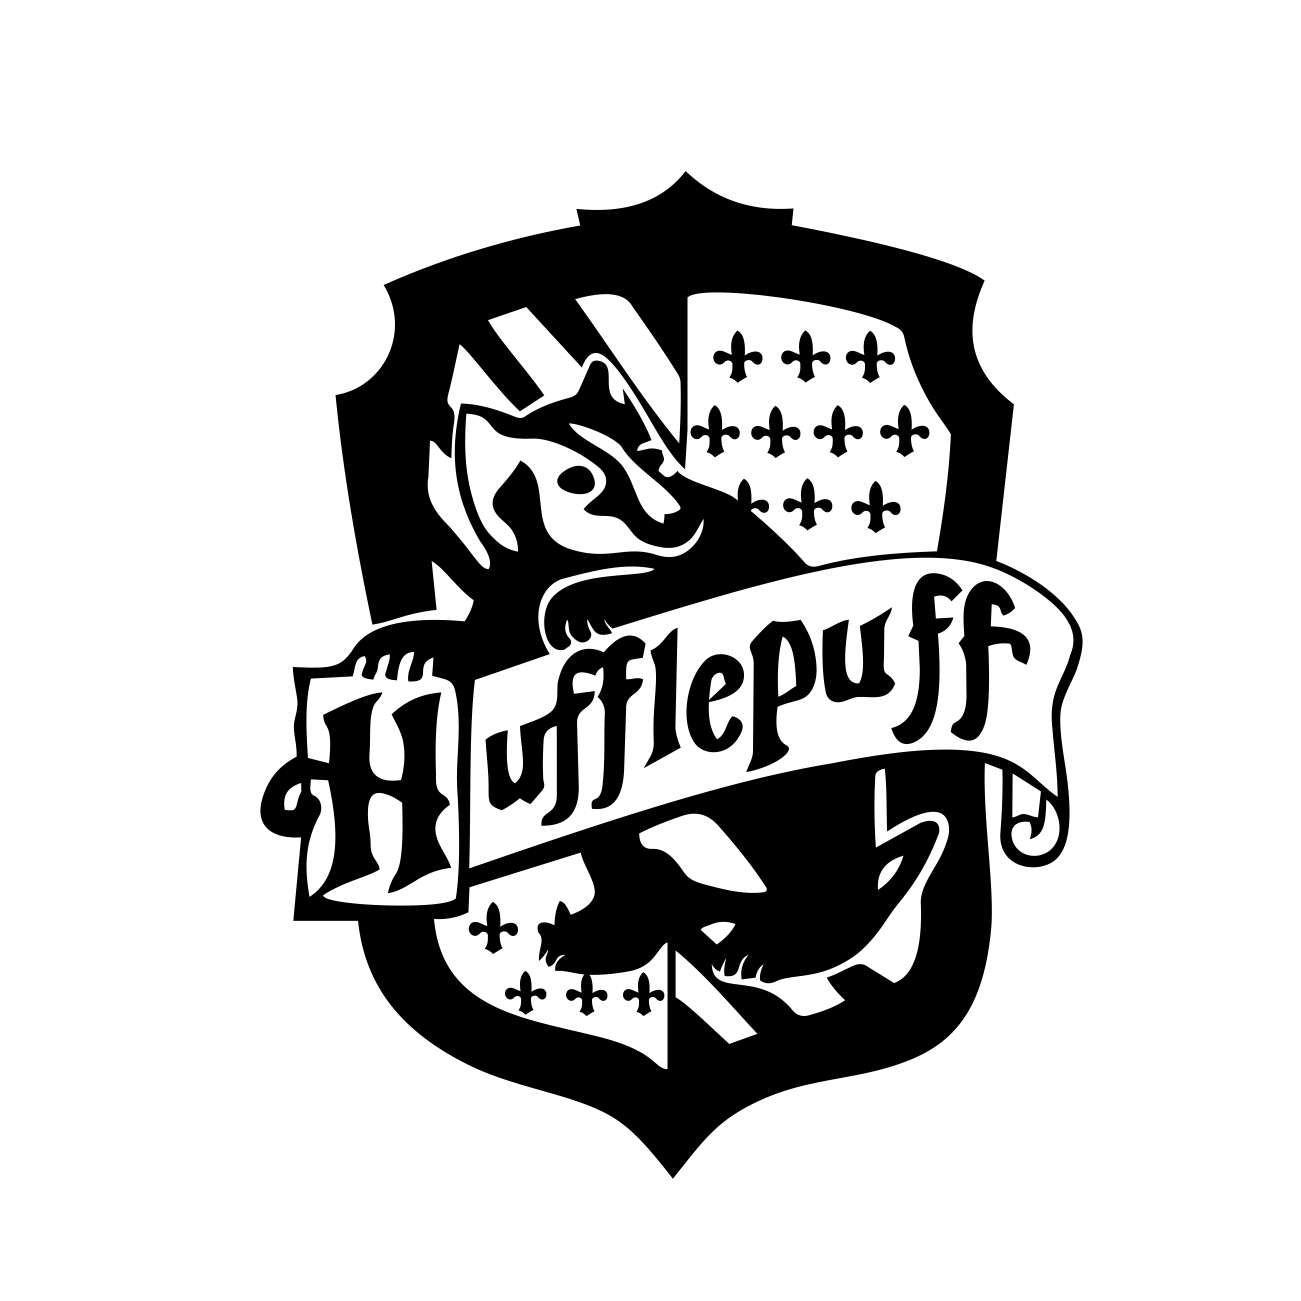 Hogwarts Crest Wall Decal Etsy